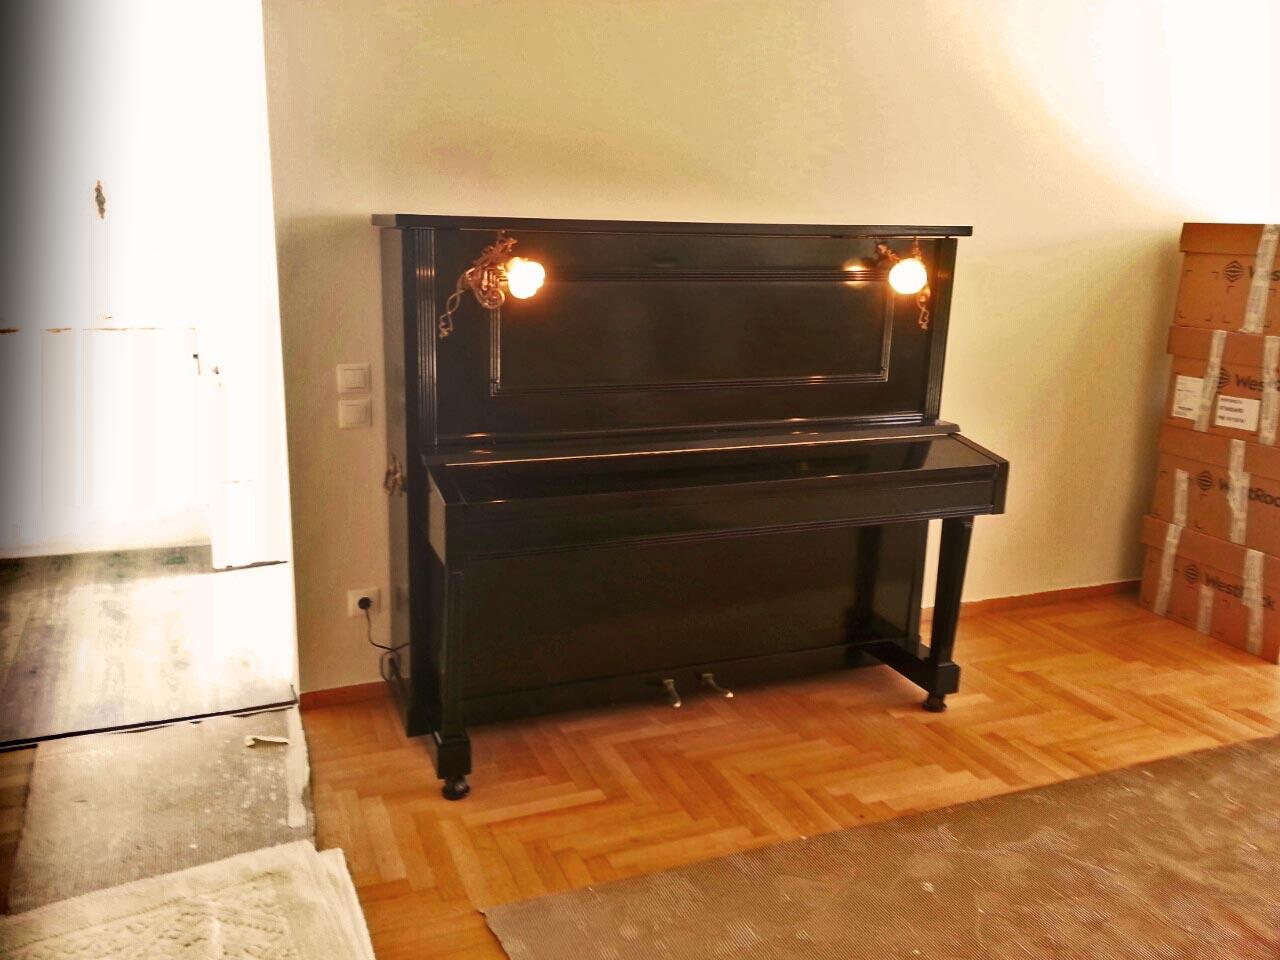 Ασφαλής μεταφορά πιάνου από σπίτι